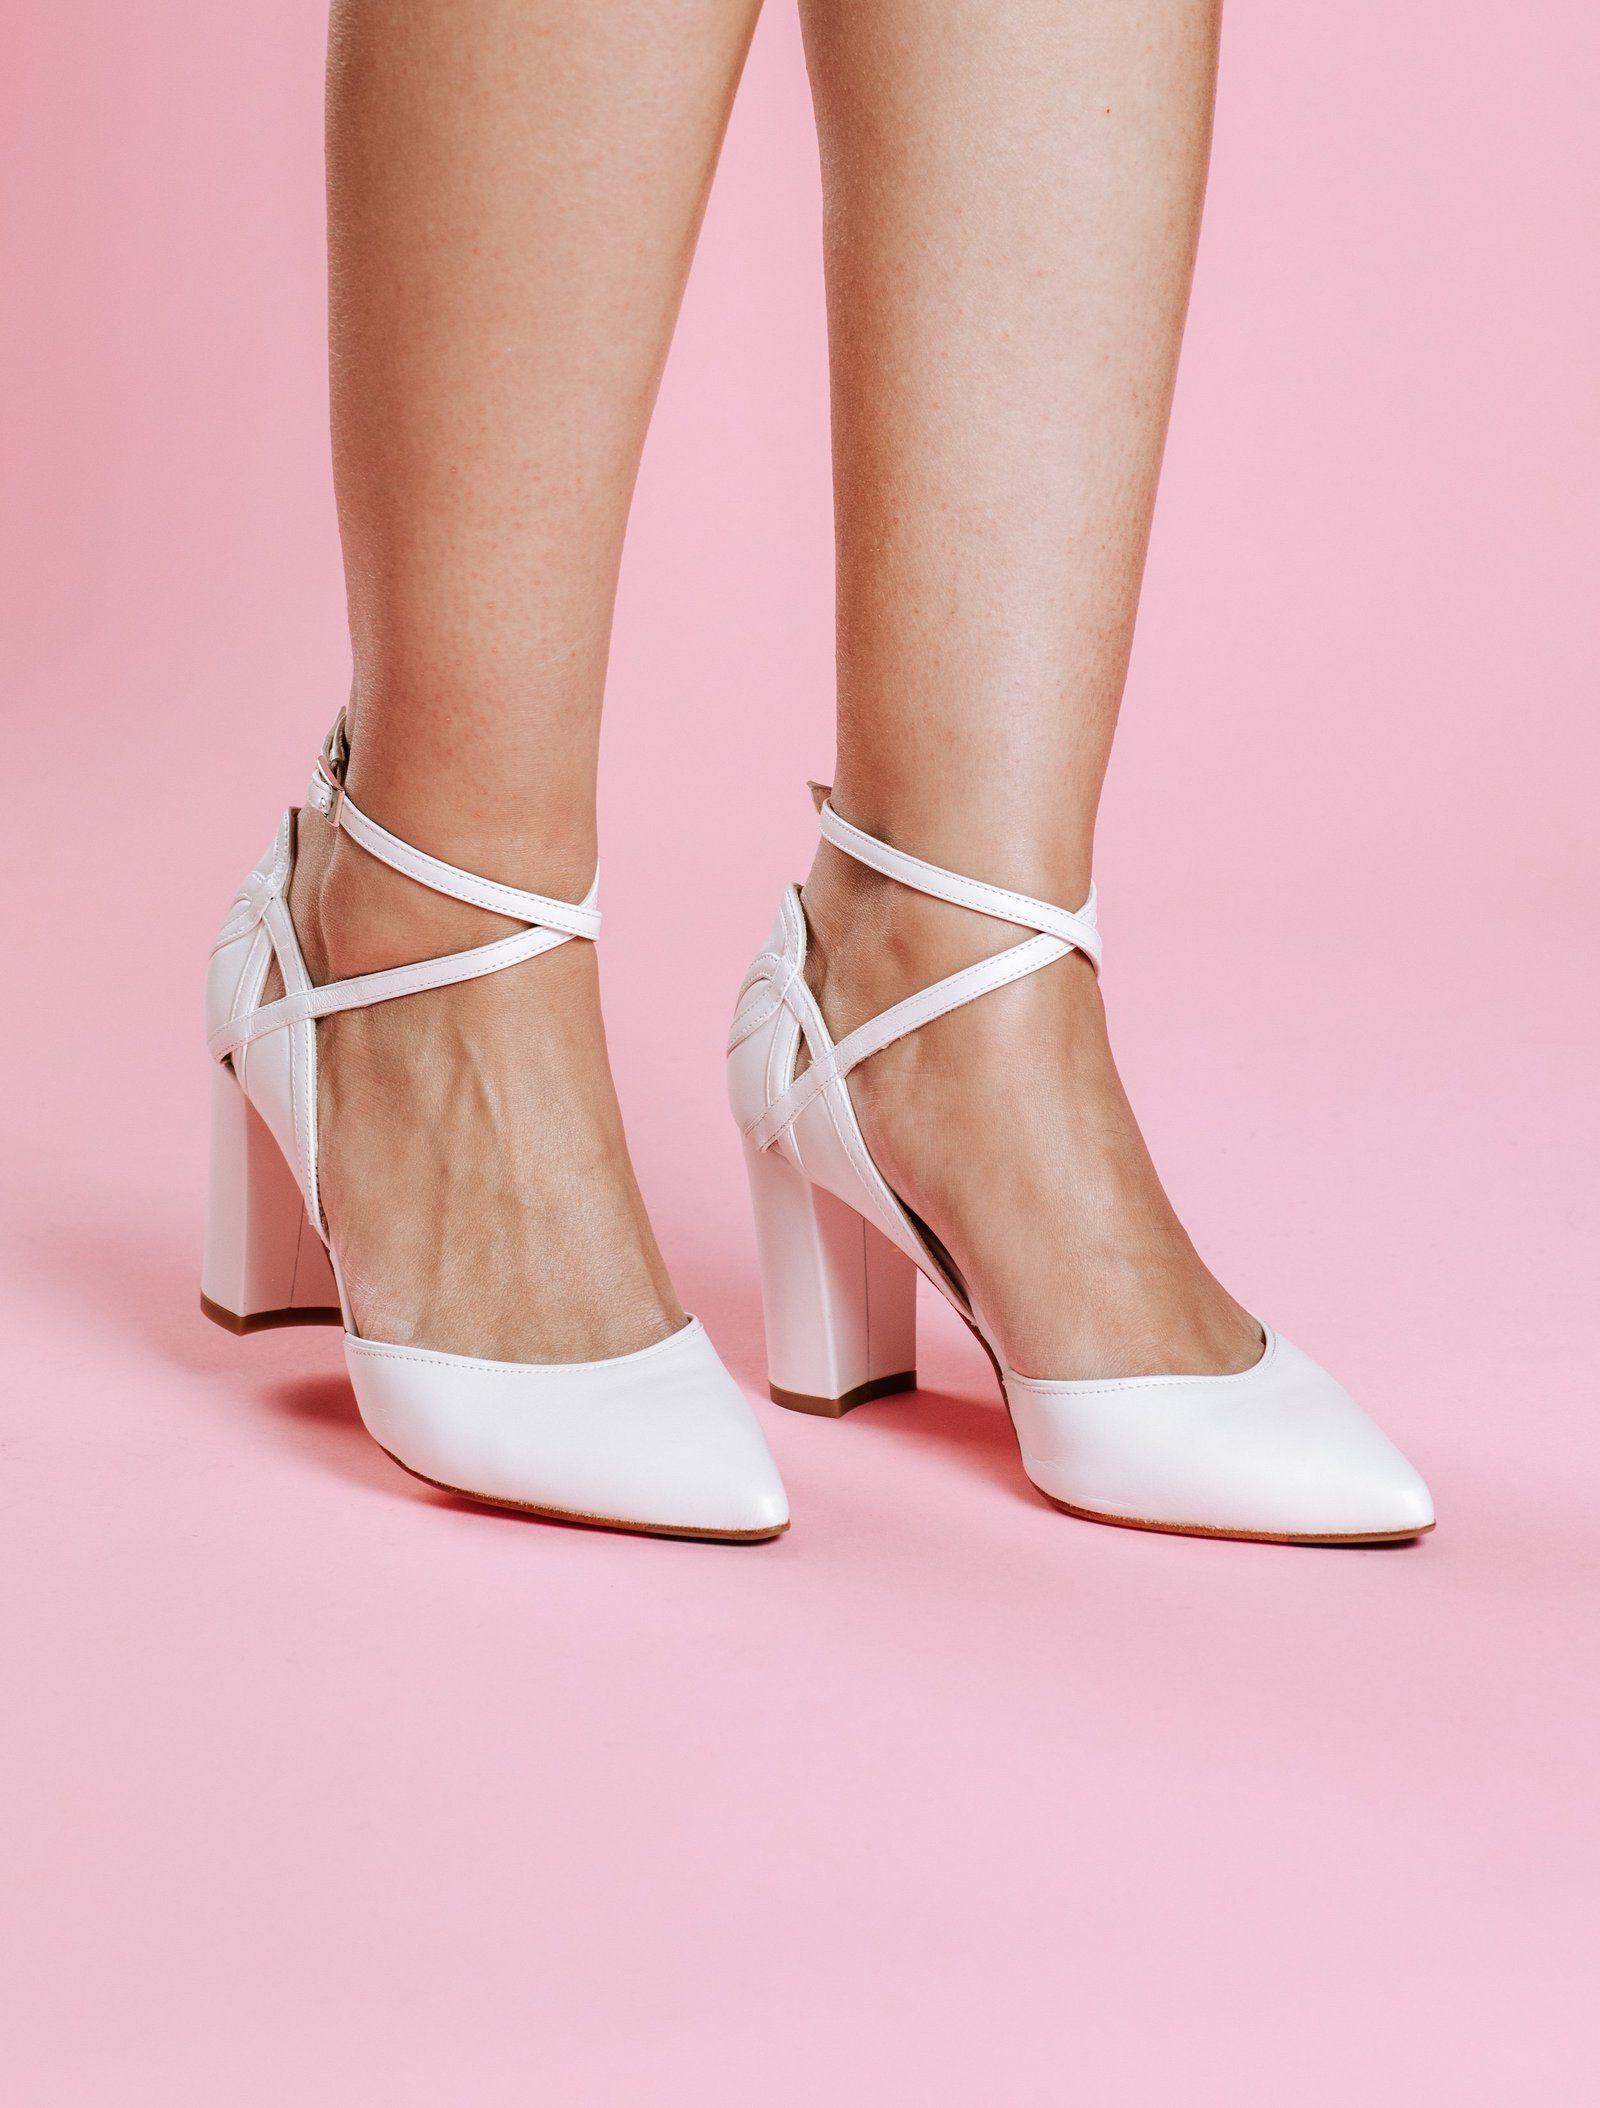 Meggy In 2020 Kitten Heel Wedding Shoes Wedding Shoes Wedding Shoes Heels